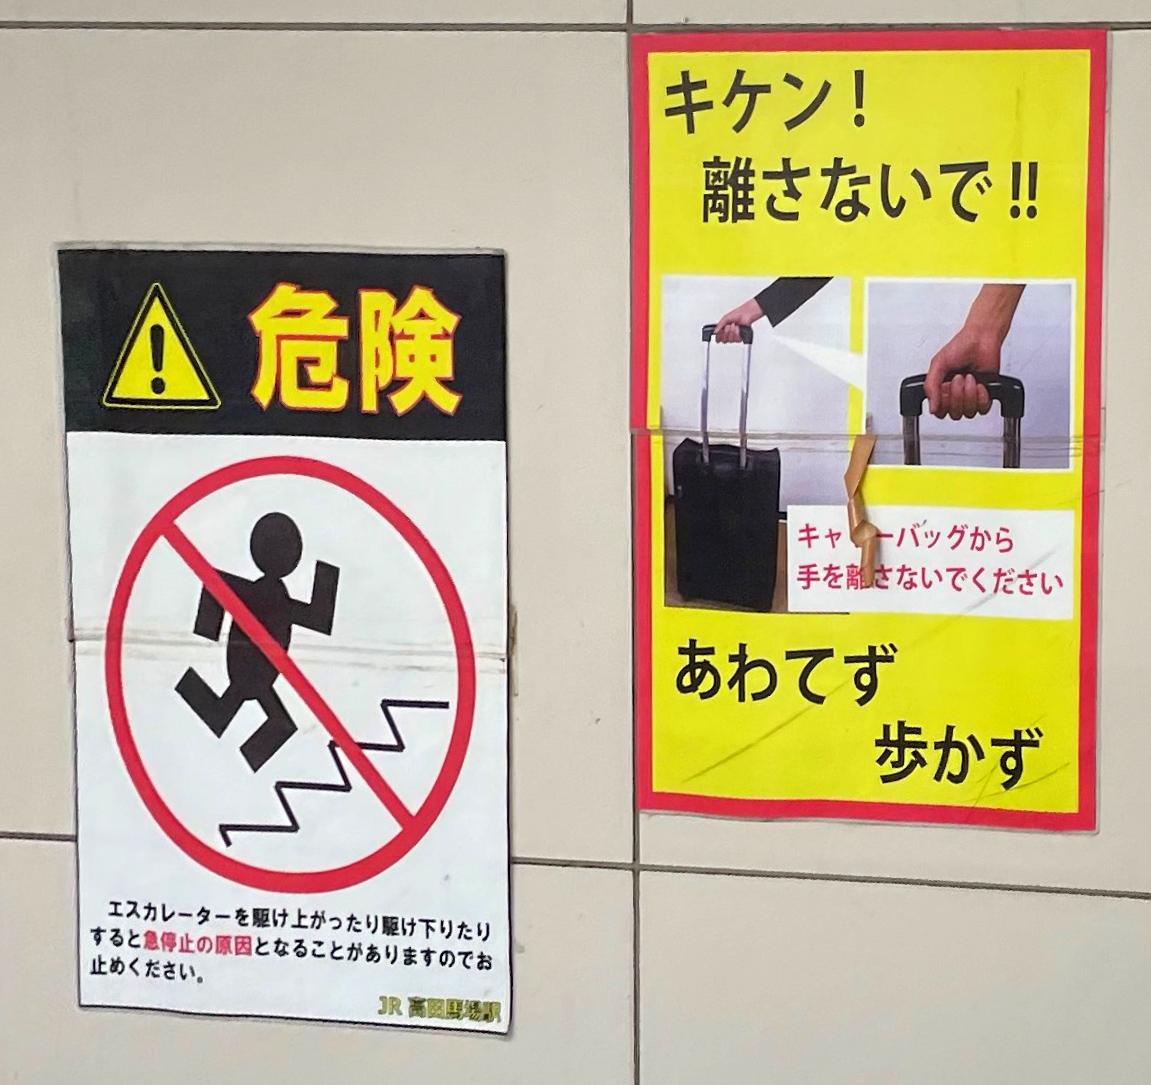 エスカレーターの安全標識